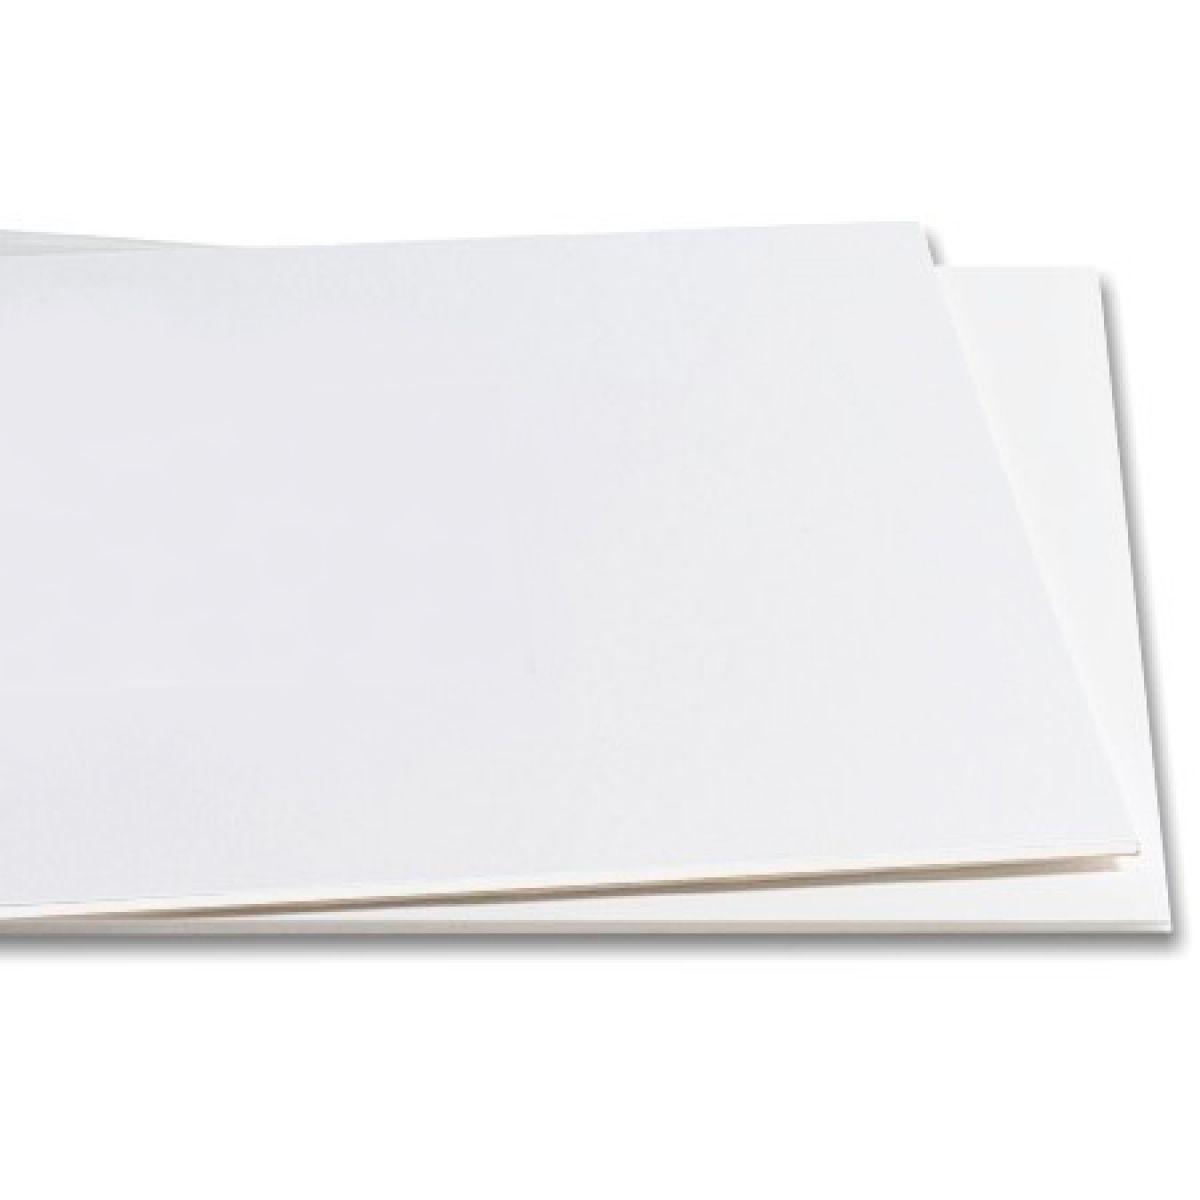 Papel Couche Fosco 300g A4 Embalagem Com 010 Folhas Phandora